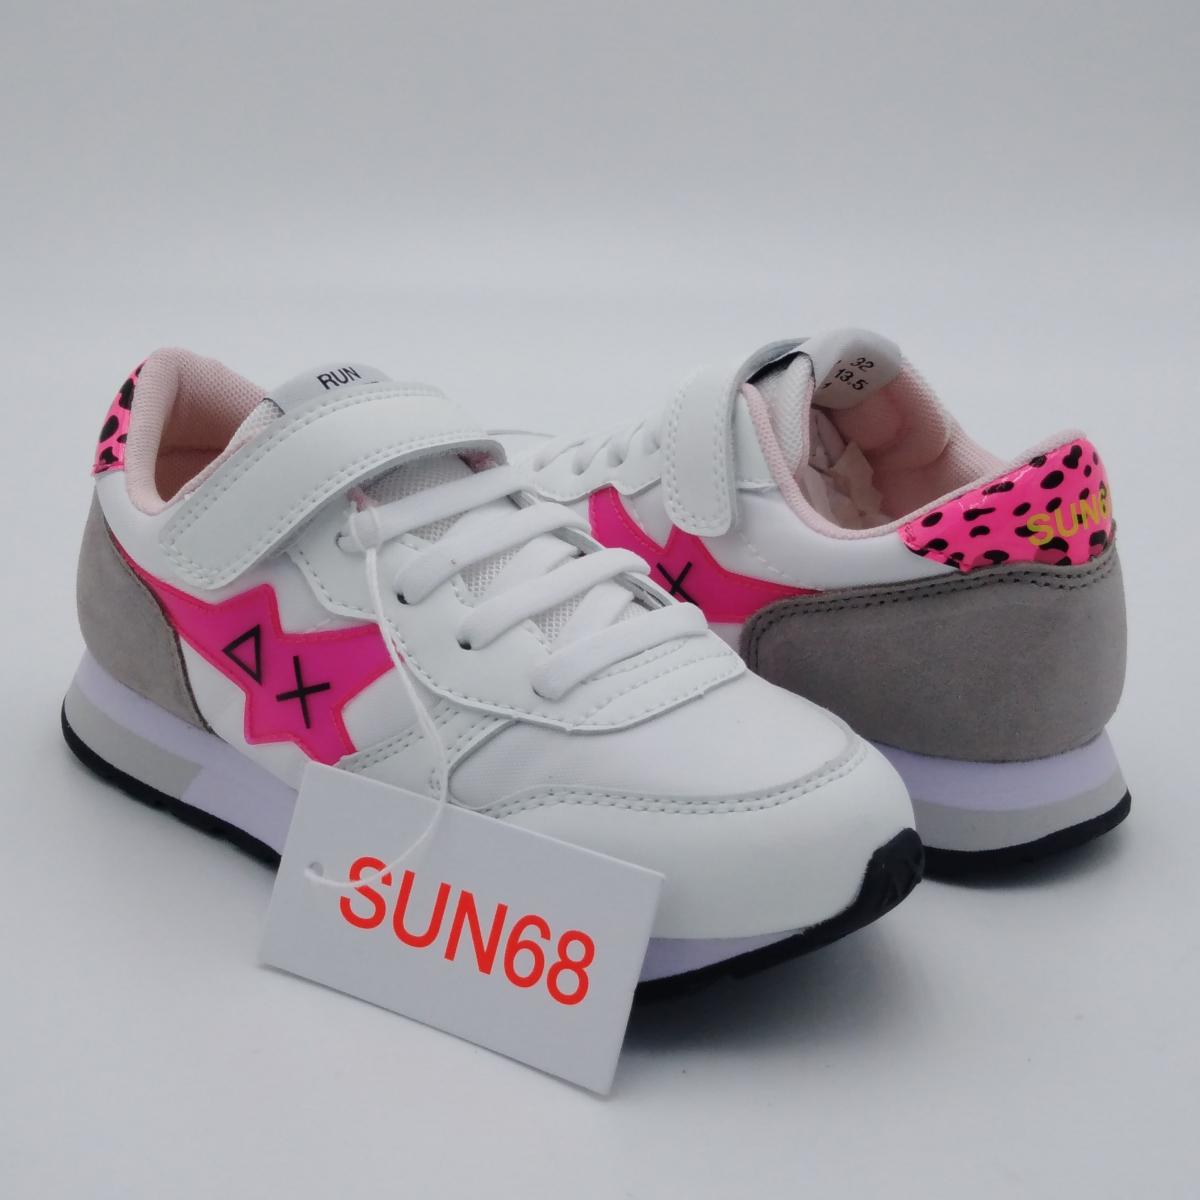 Sun 68 -Sneaker strappo...